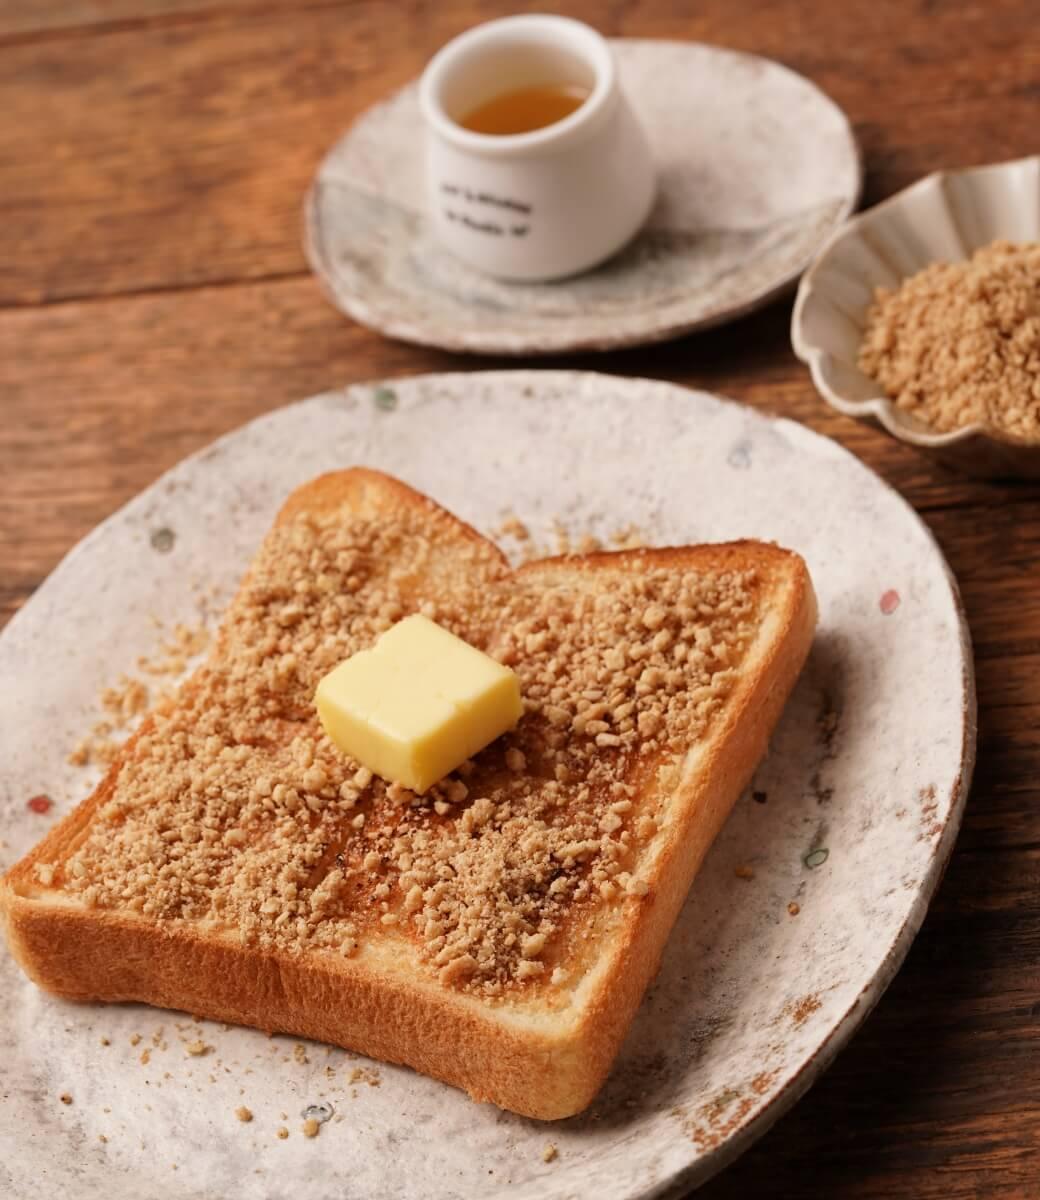 はちみつバターアーモンドすりごまトースト